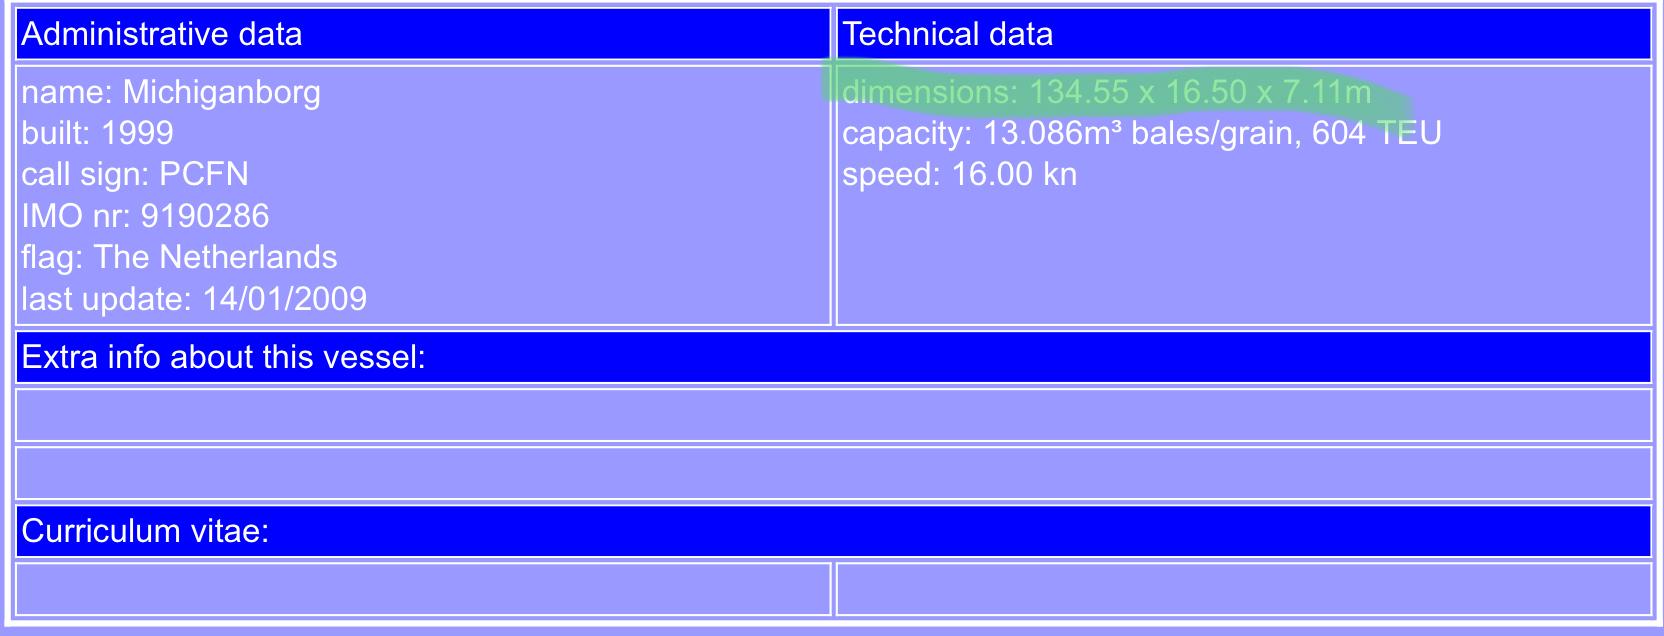 4E59B657-6FF0-4FDA-8F63-850A42C8934E.jpeg